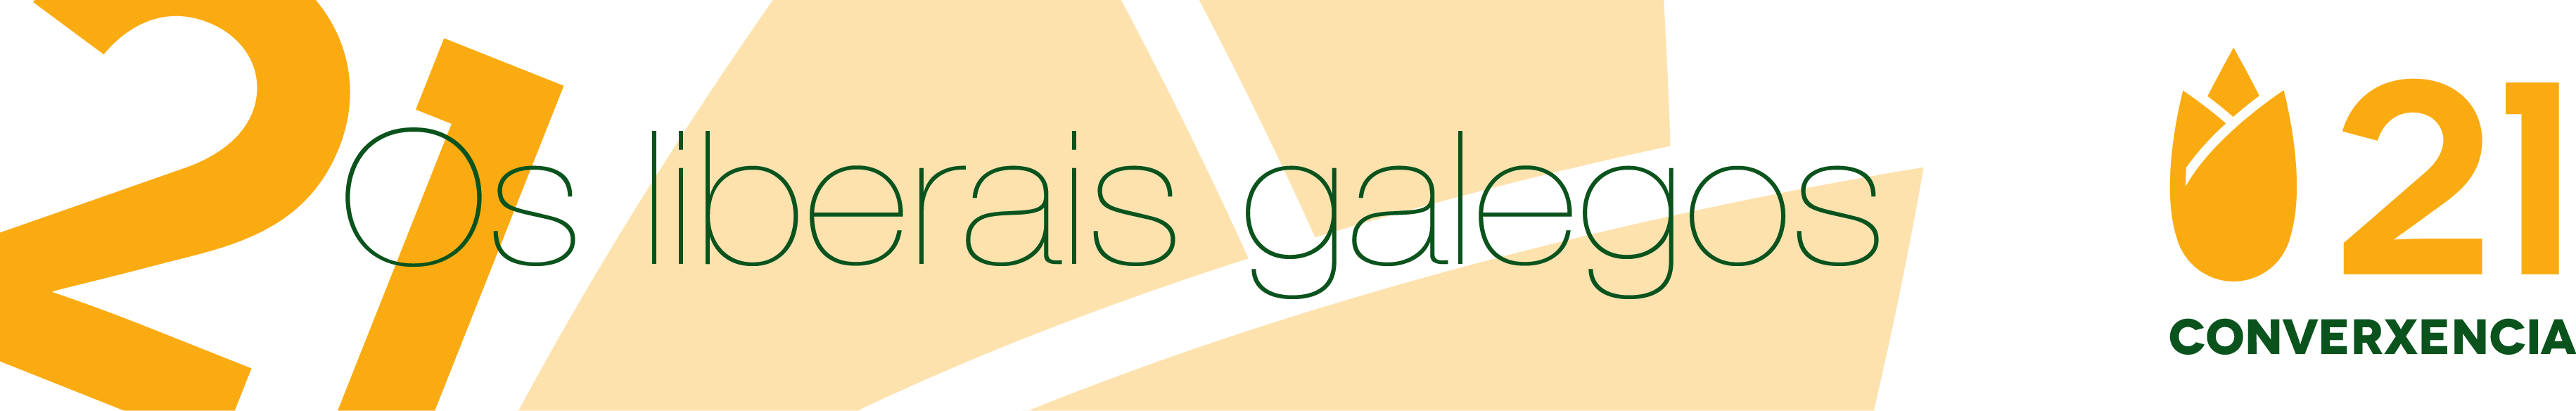 Converxencia 21. Os Liberais Galegos